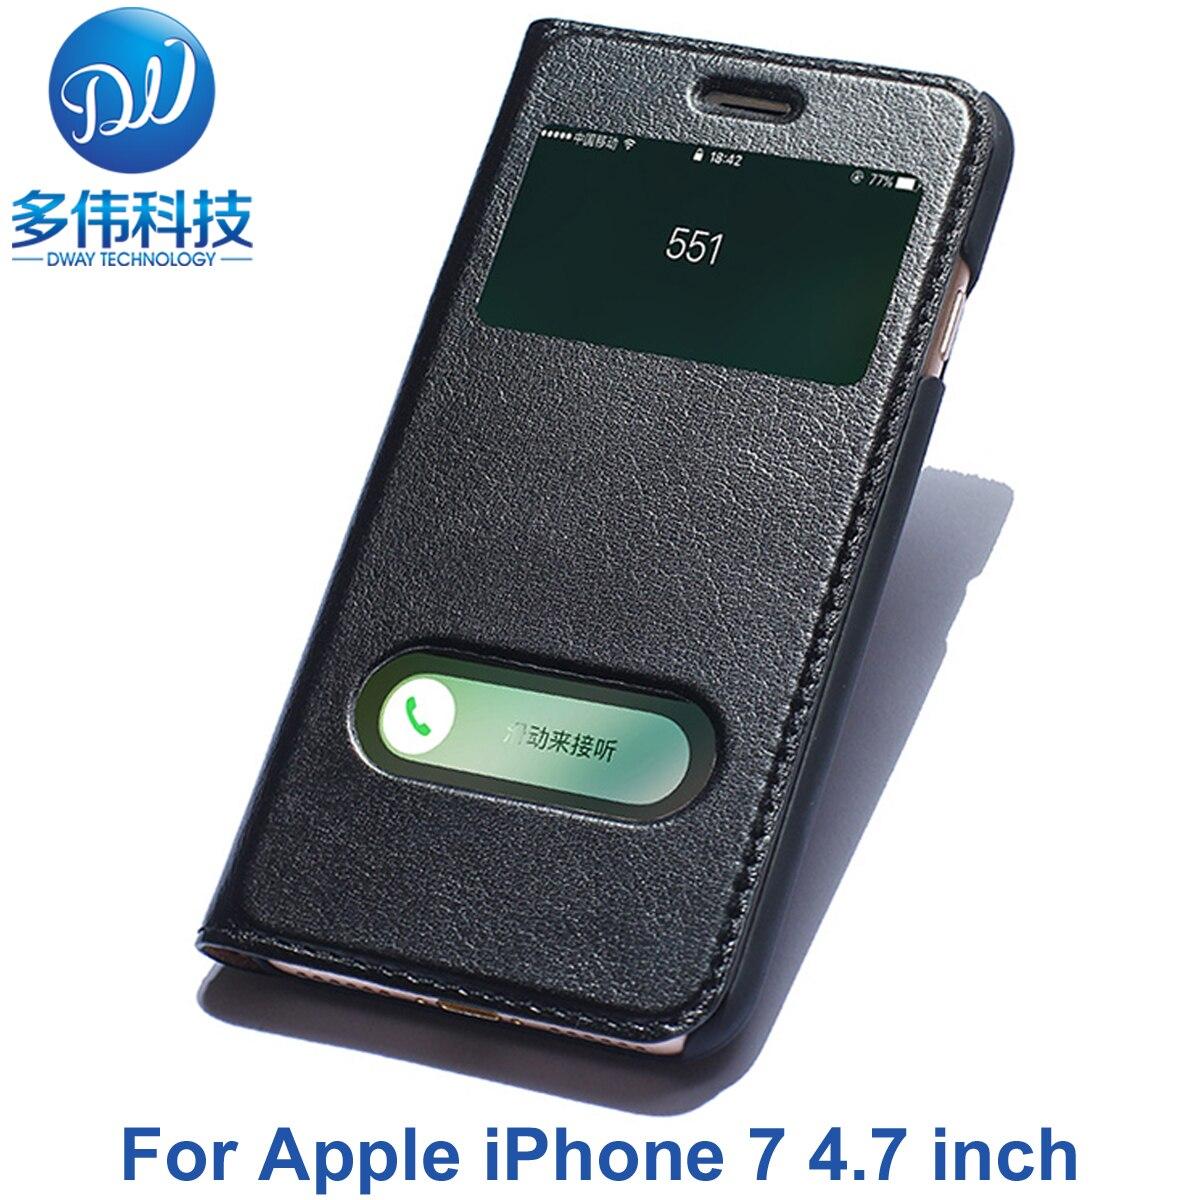 bilder für Luxus Doppel Window View Flip Echtes Leder-kasten Für Apple iPhone 7 Echtem Leder Phone Bag Capa Mit Einzelhandel paket